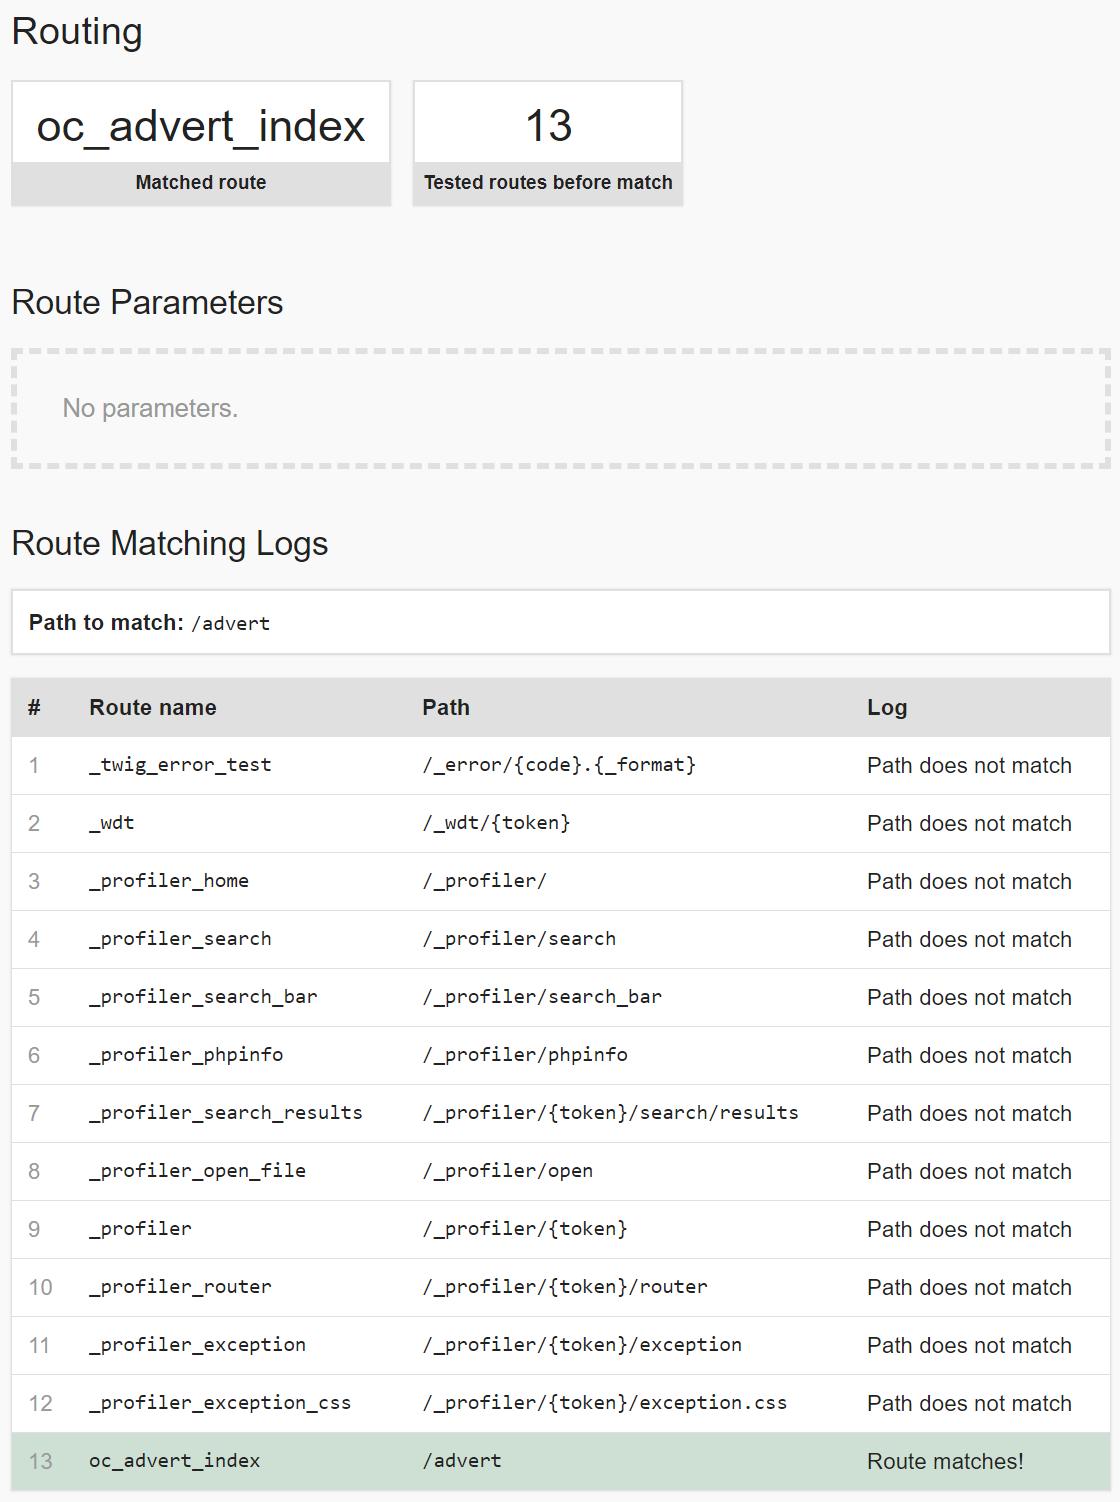 Liste des routes enregistrées par le routeur